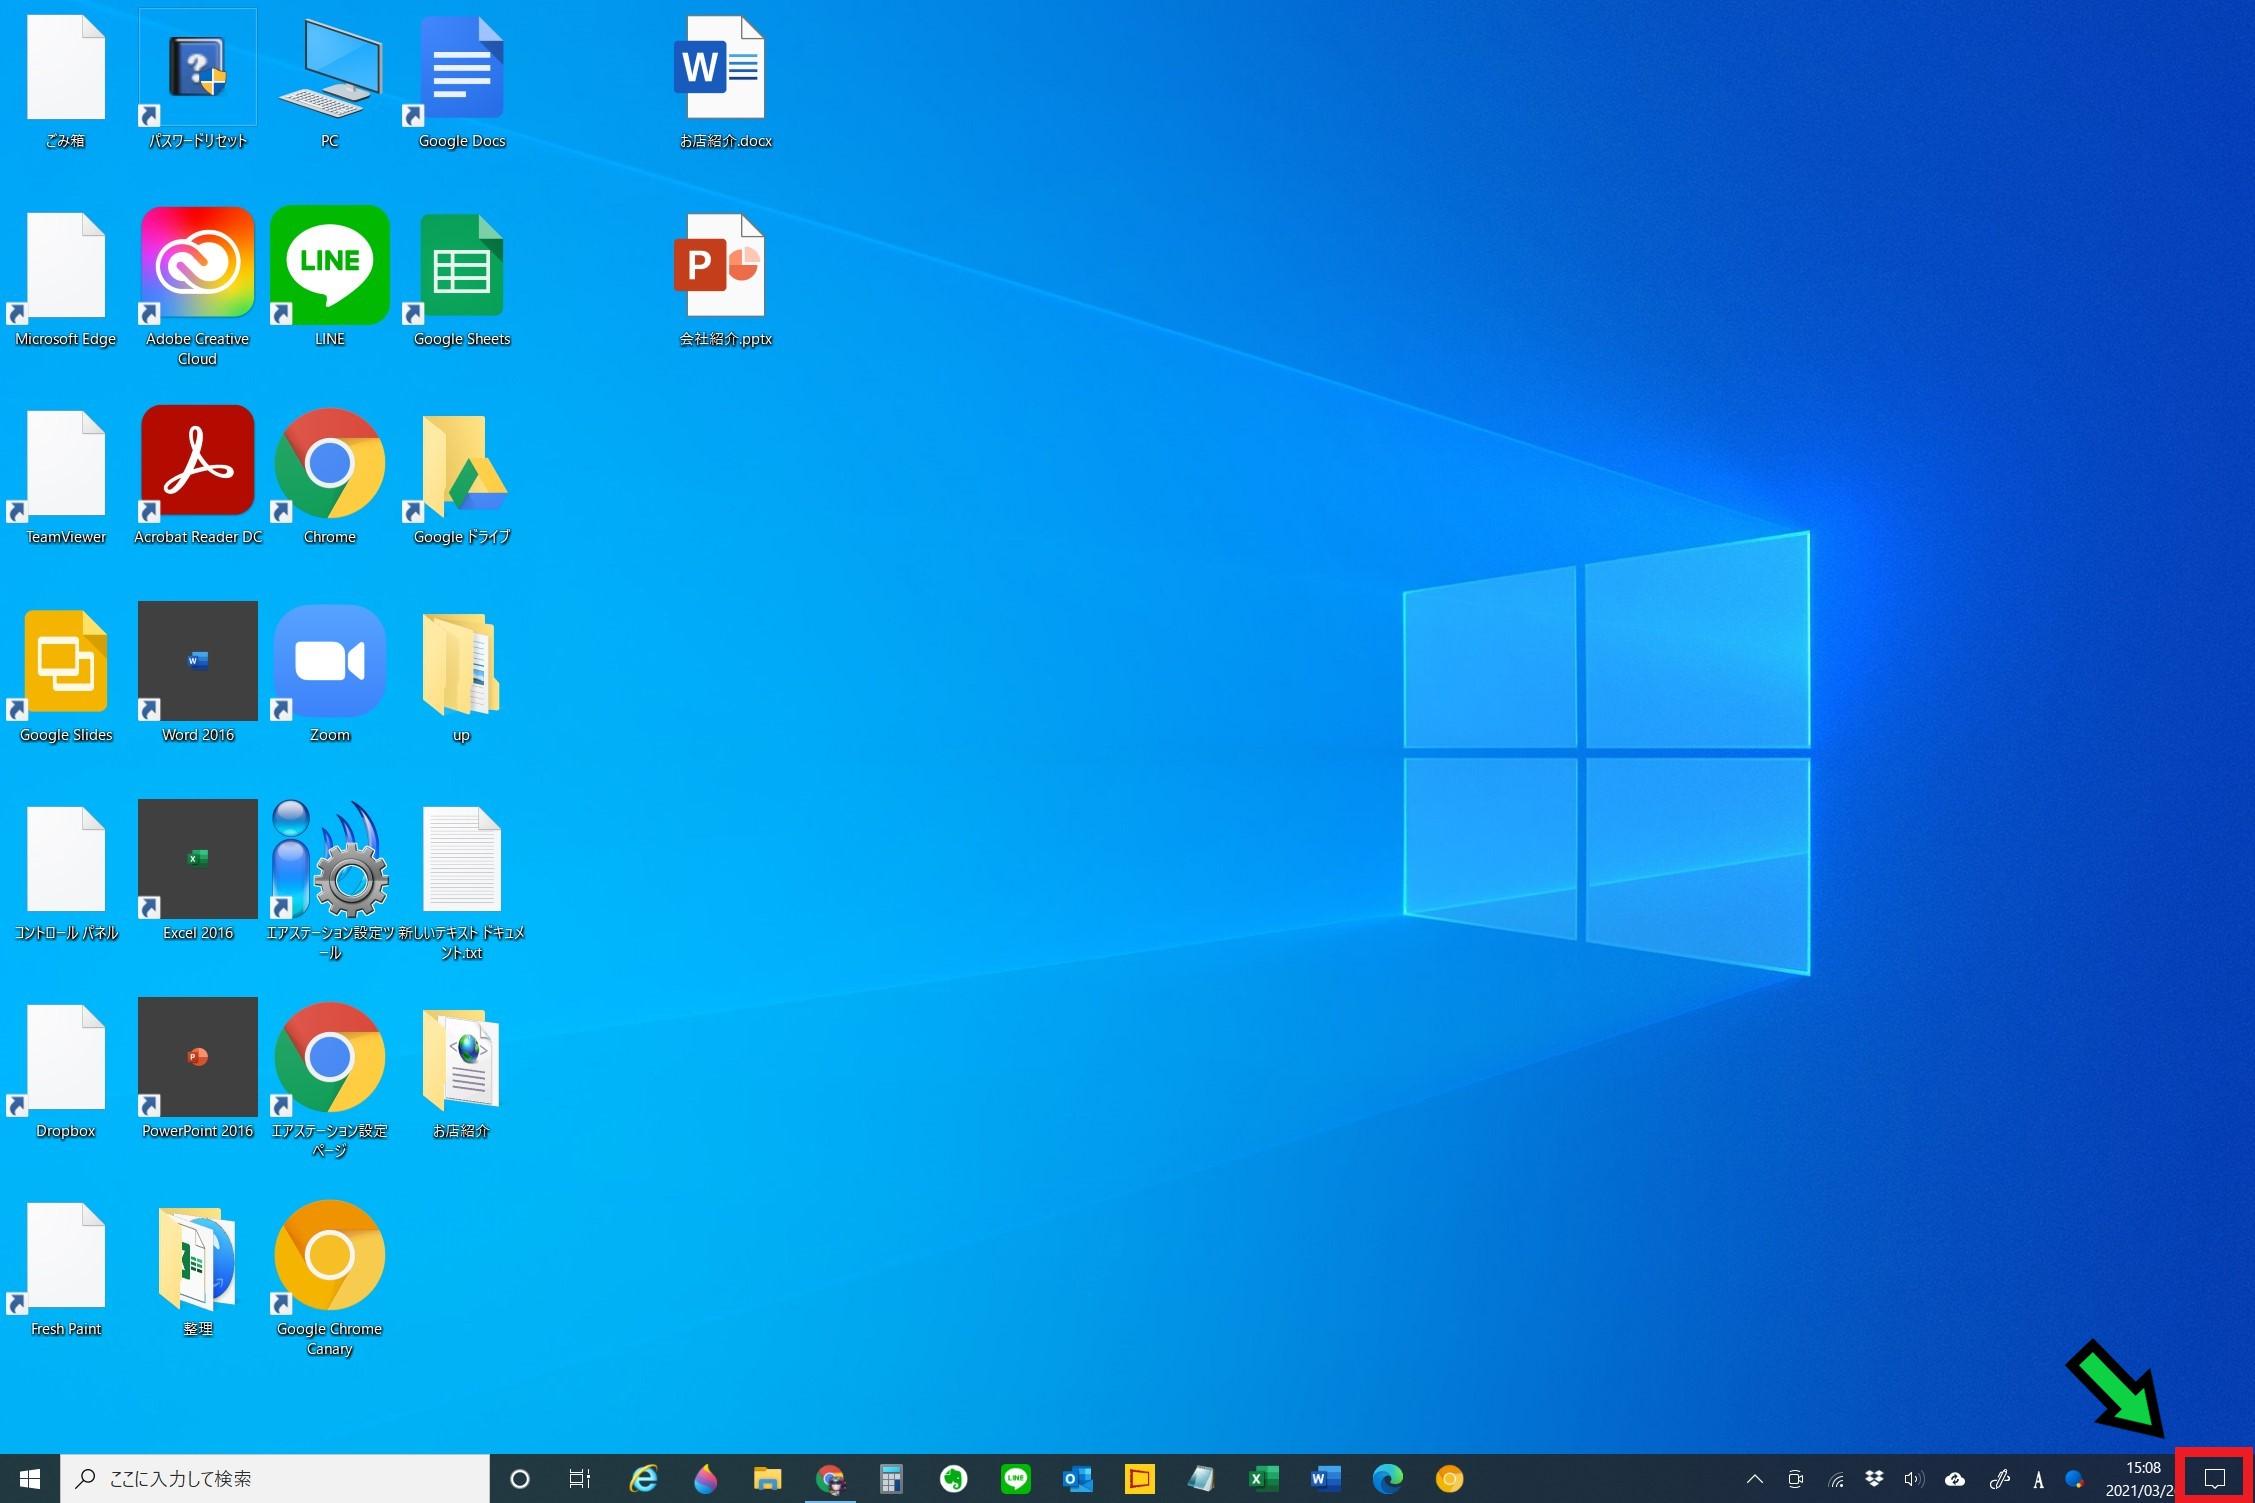 バッテリー節約機能でノートパソコンのバッテリーを長持ちさせる方法【windows10】